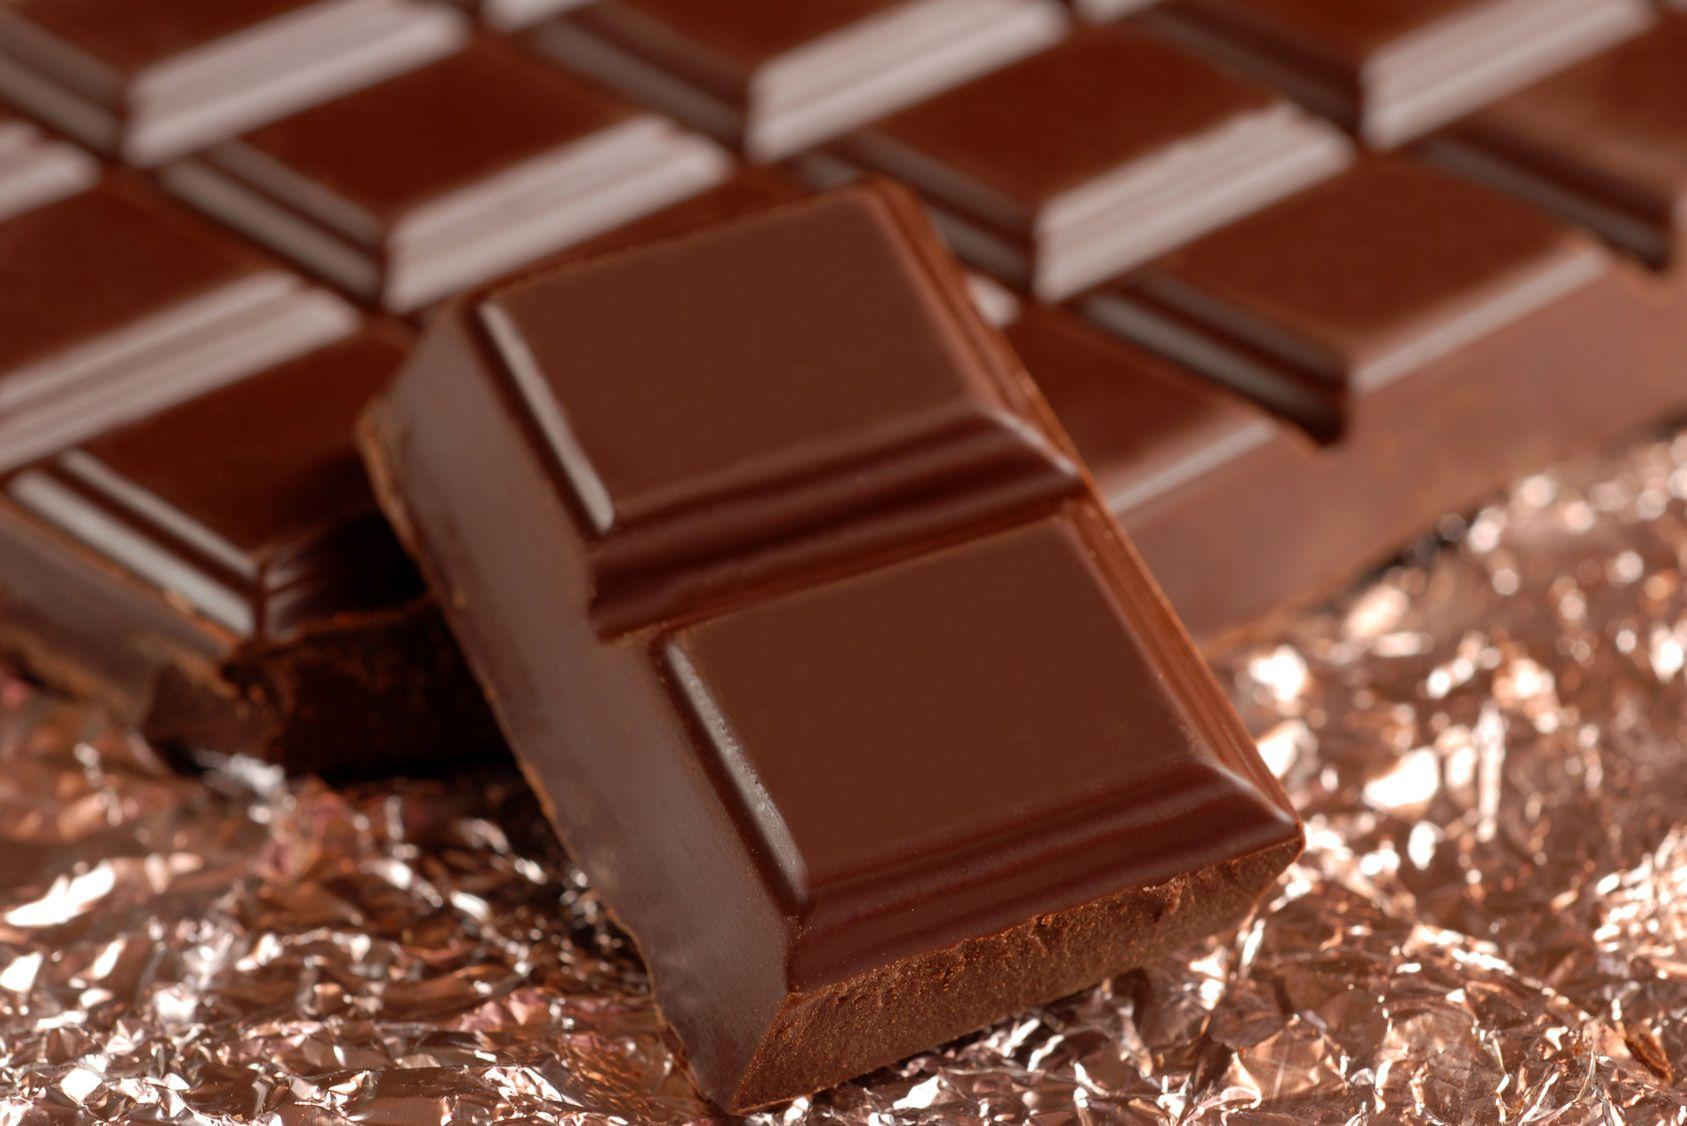 Du chocolat toxique contenant du Cadmium est encore rappelé